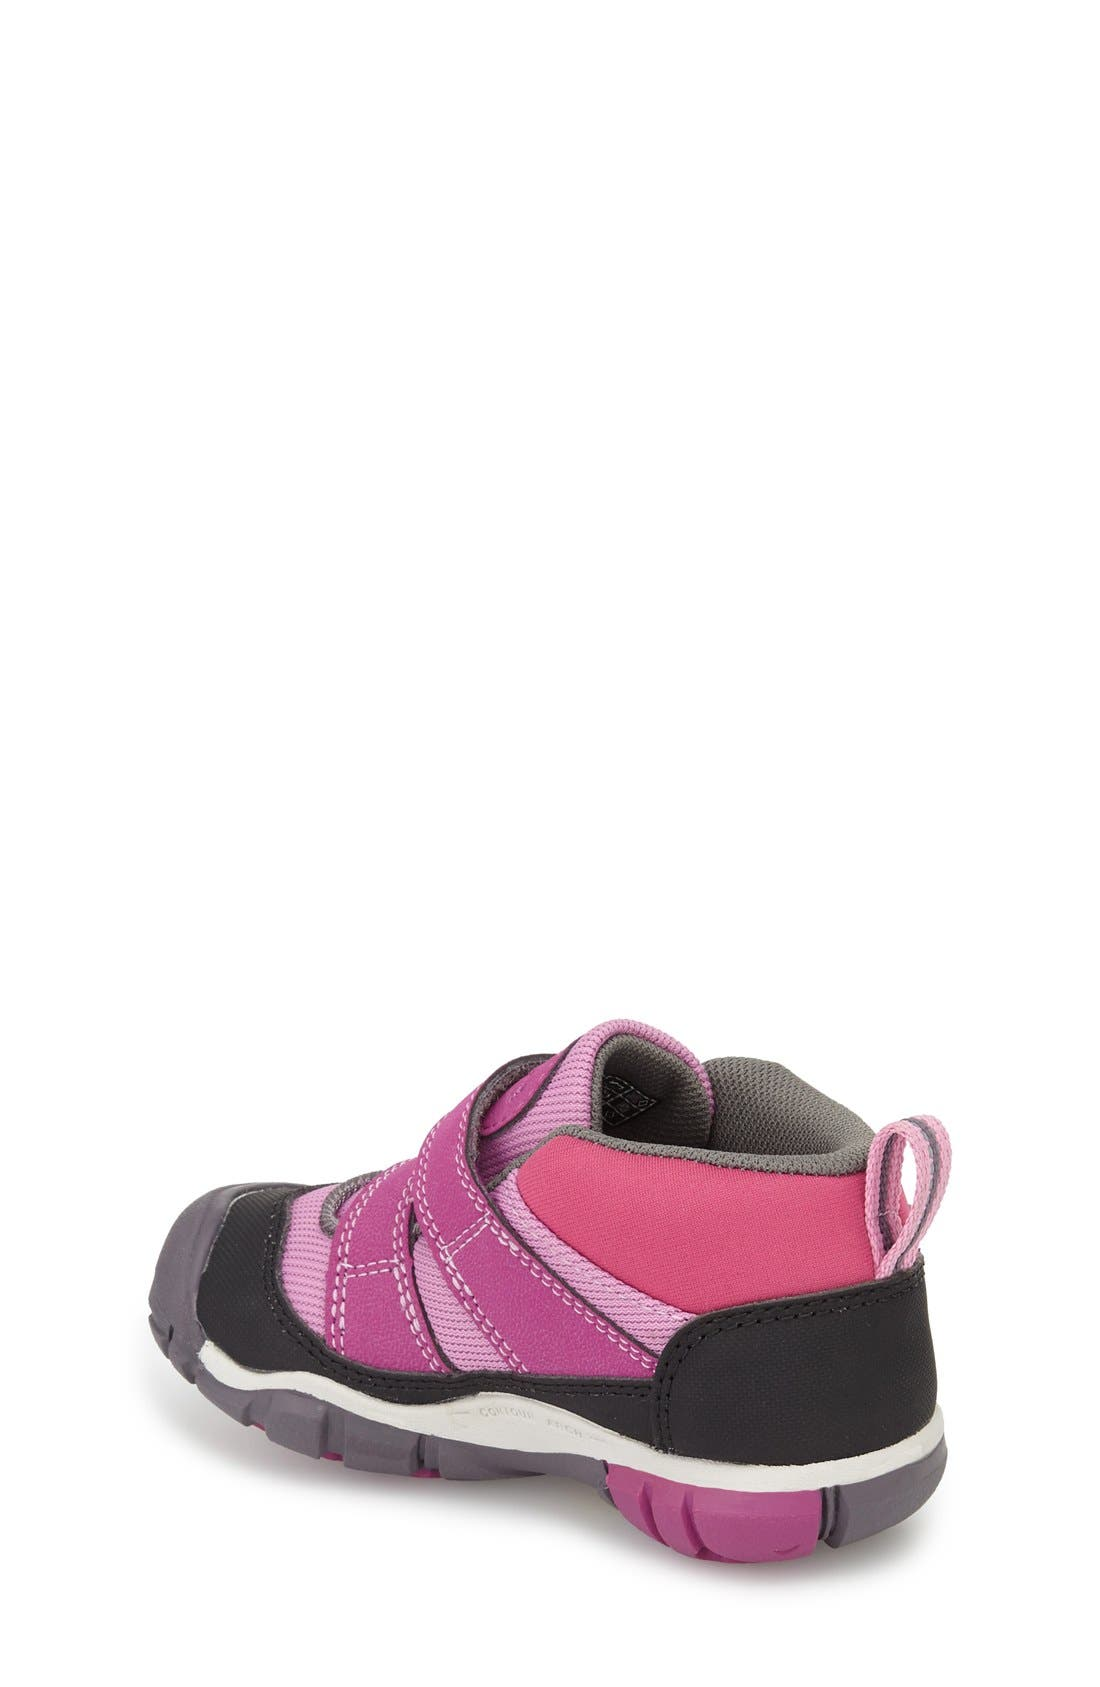 Peek-a-Shoe Sneaker,                             Alternate thumbnail 2, color,                             Purple Wine